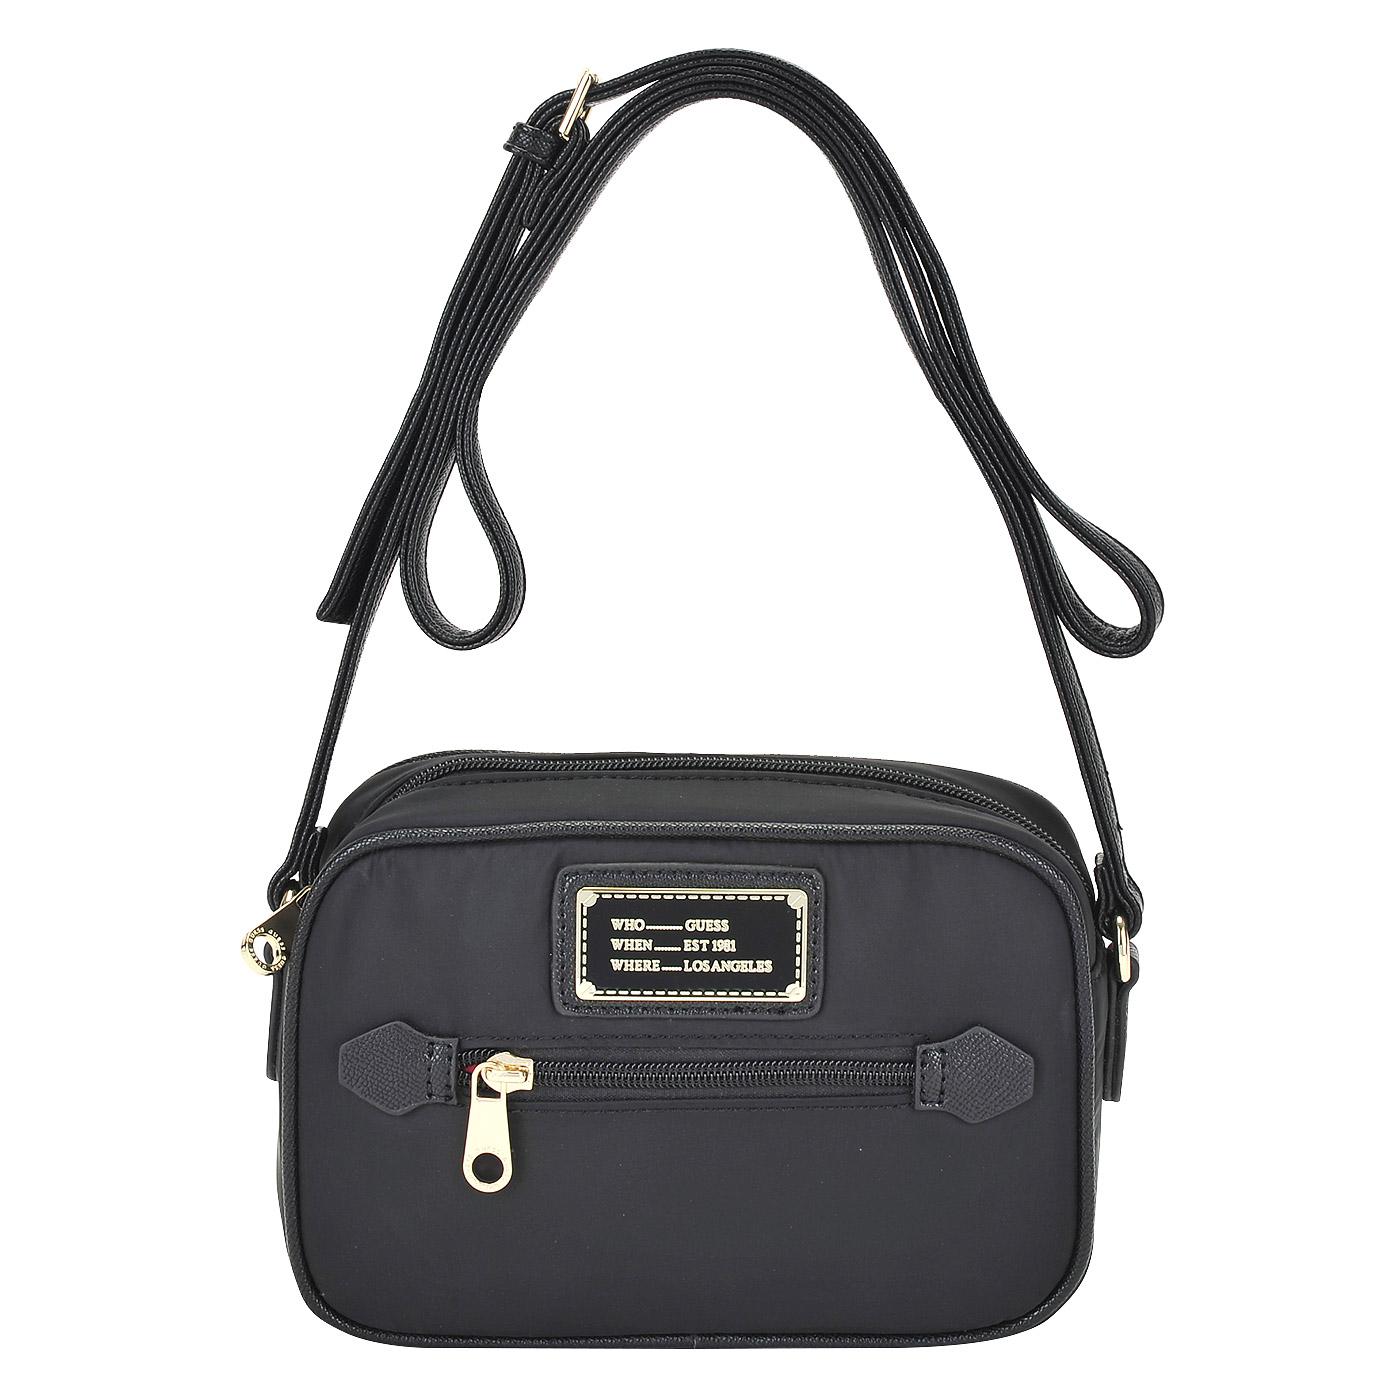 5c257f4d Женская сумка через плечо Guess Florence Женская сумка через плечо Guess  Florence ...